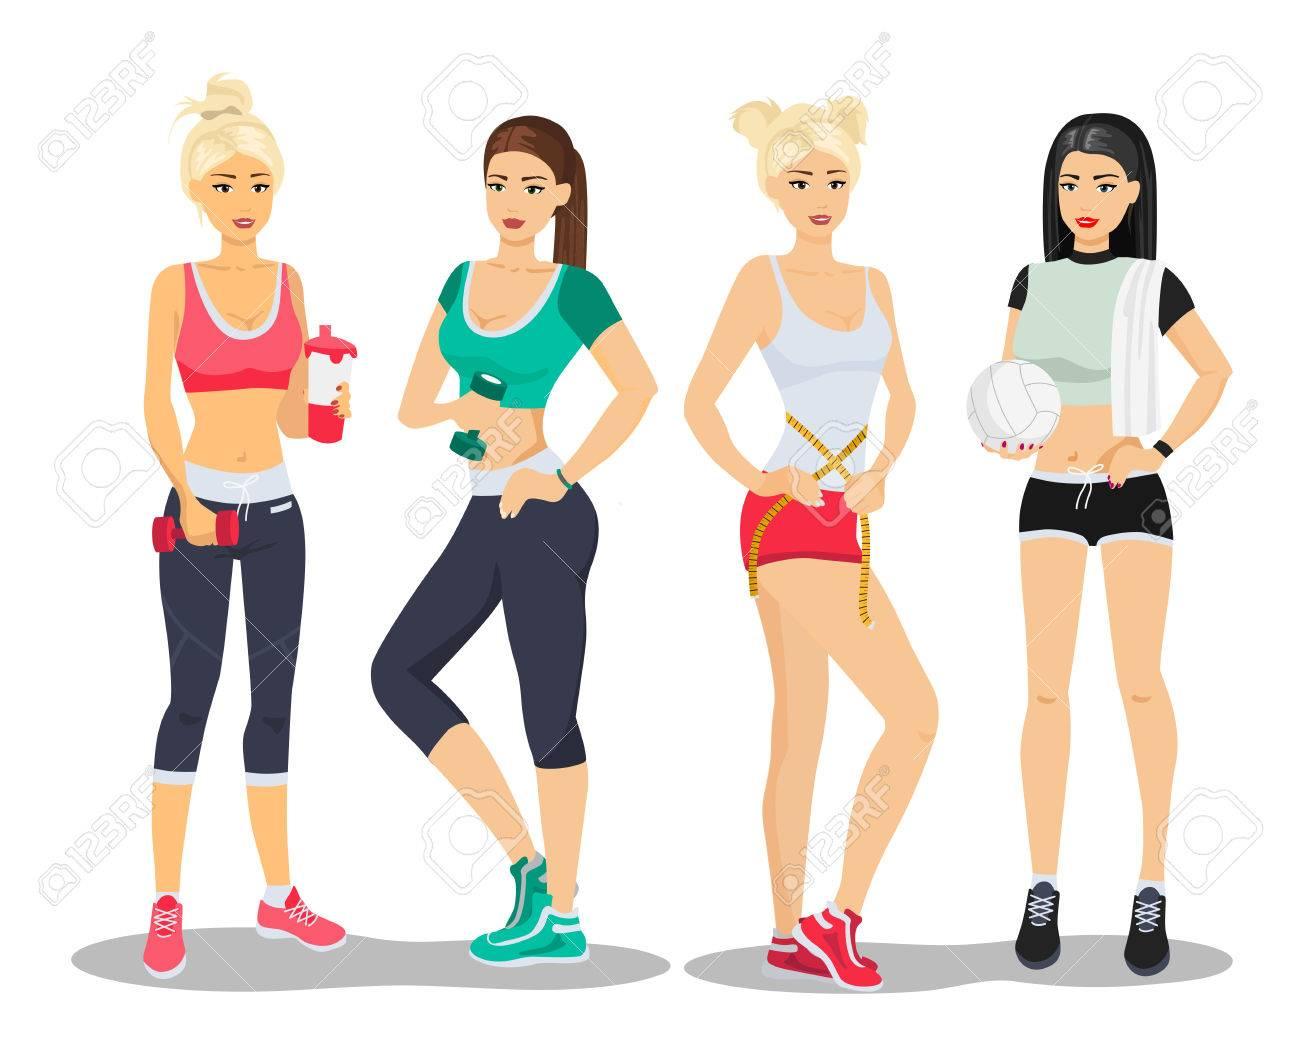 d62199e49188 Modelos hermosos de las muchachas de la aptitud del deporte Ilustración de  vector plano de gimnasio de mujer joven.